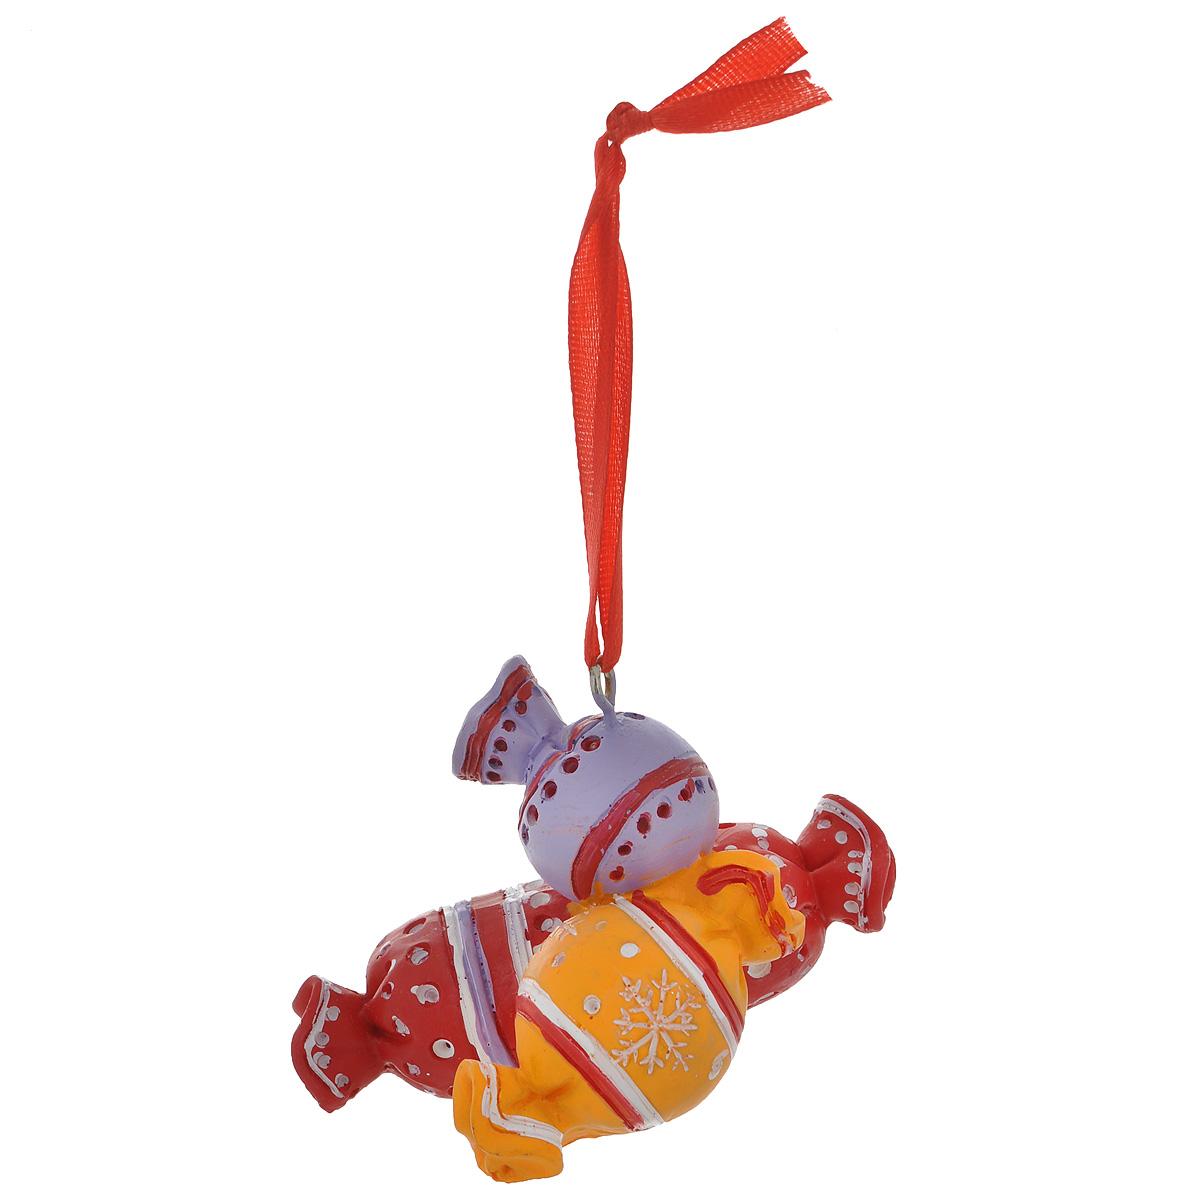 Новогоднее подвесное украшение Феникс-Презент Конфеты. 3457434574Оригинальное новогоднее украшение Феникс-Презент Конфеты из пластика прекрасно подойдет для праздничного декора дома и новогодней ели. Изделие крепится на елку с помощью металлического зажима.